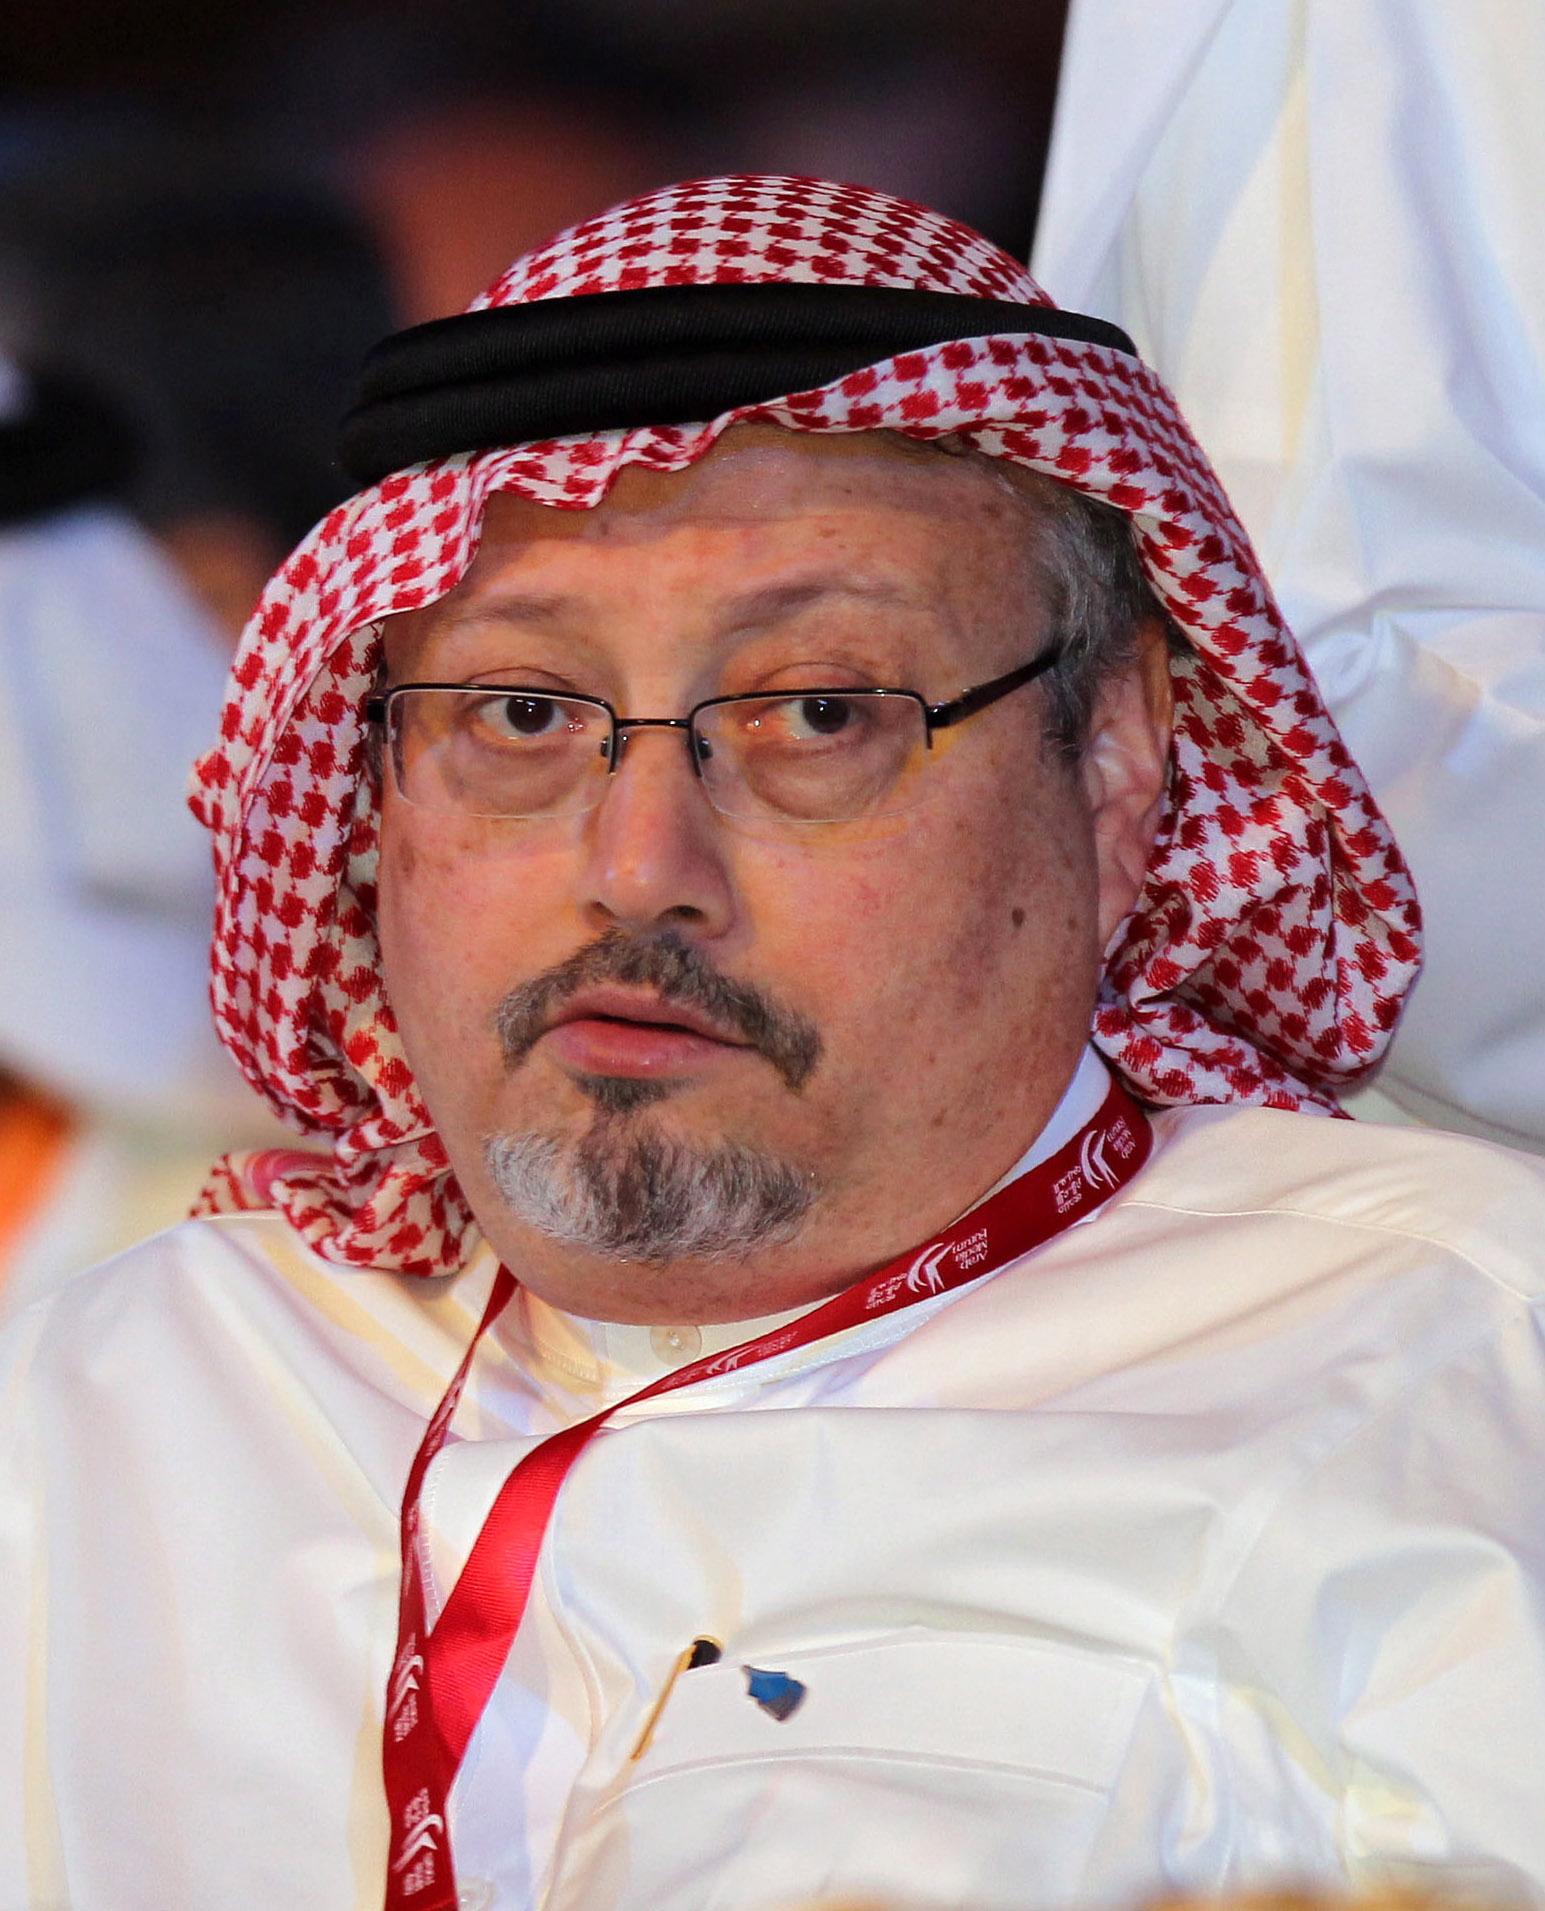 S. Arabija isključuje mogućnost izručenja osumnjičenika za ubojstvo Khashoggija